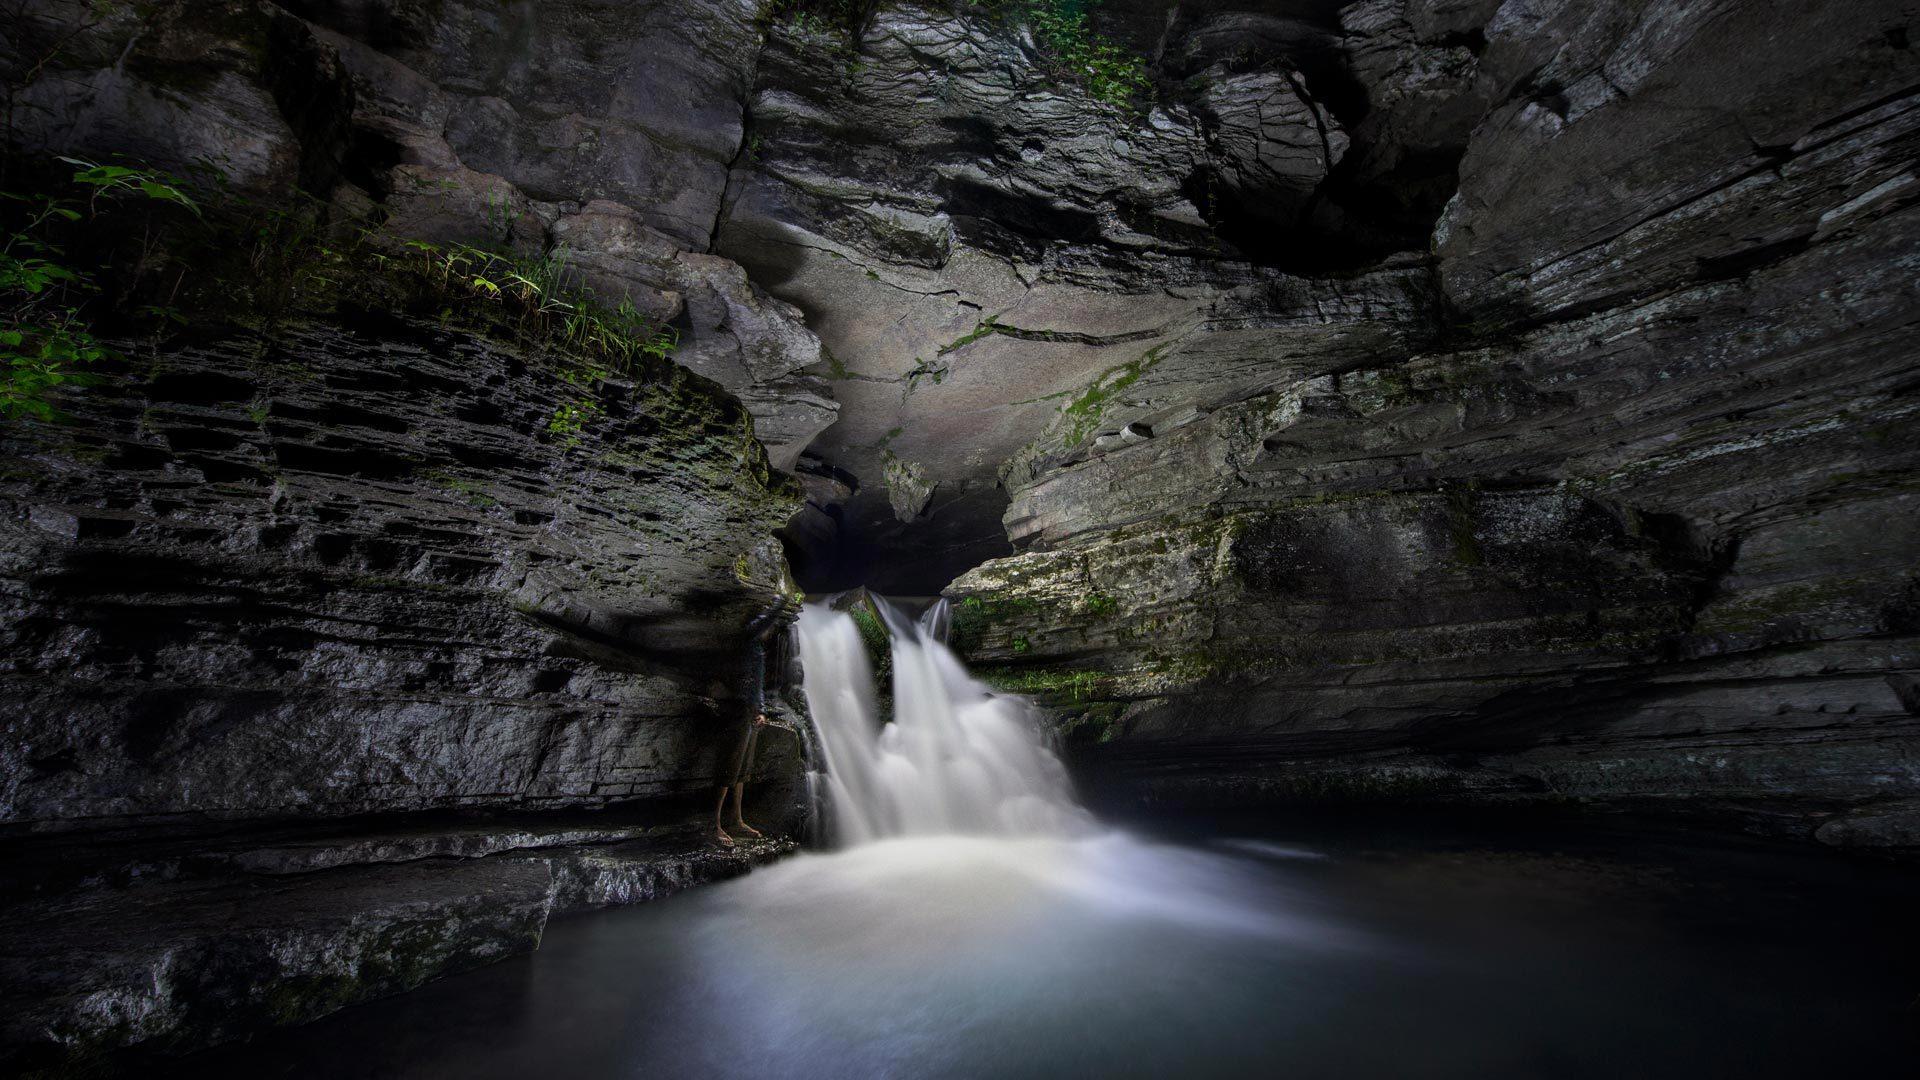 身处黑暗却温暖如你 Blanchard Springs Caverns洞穴